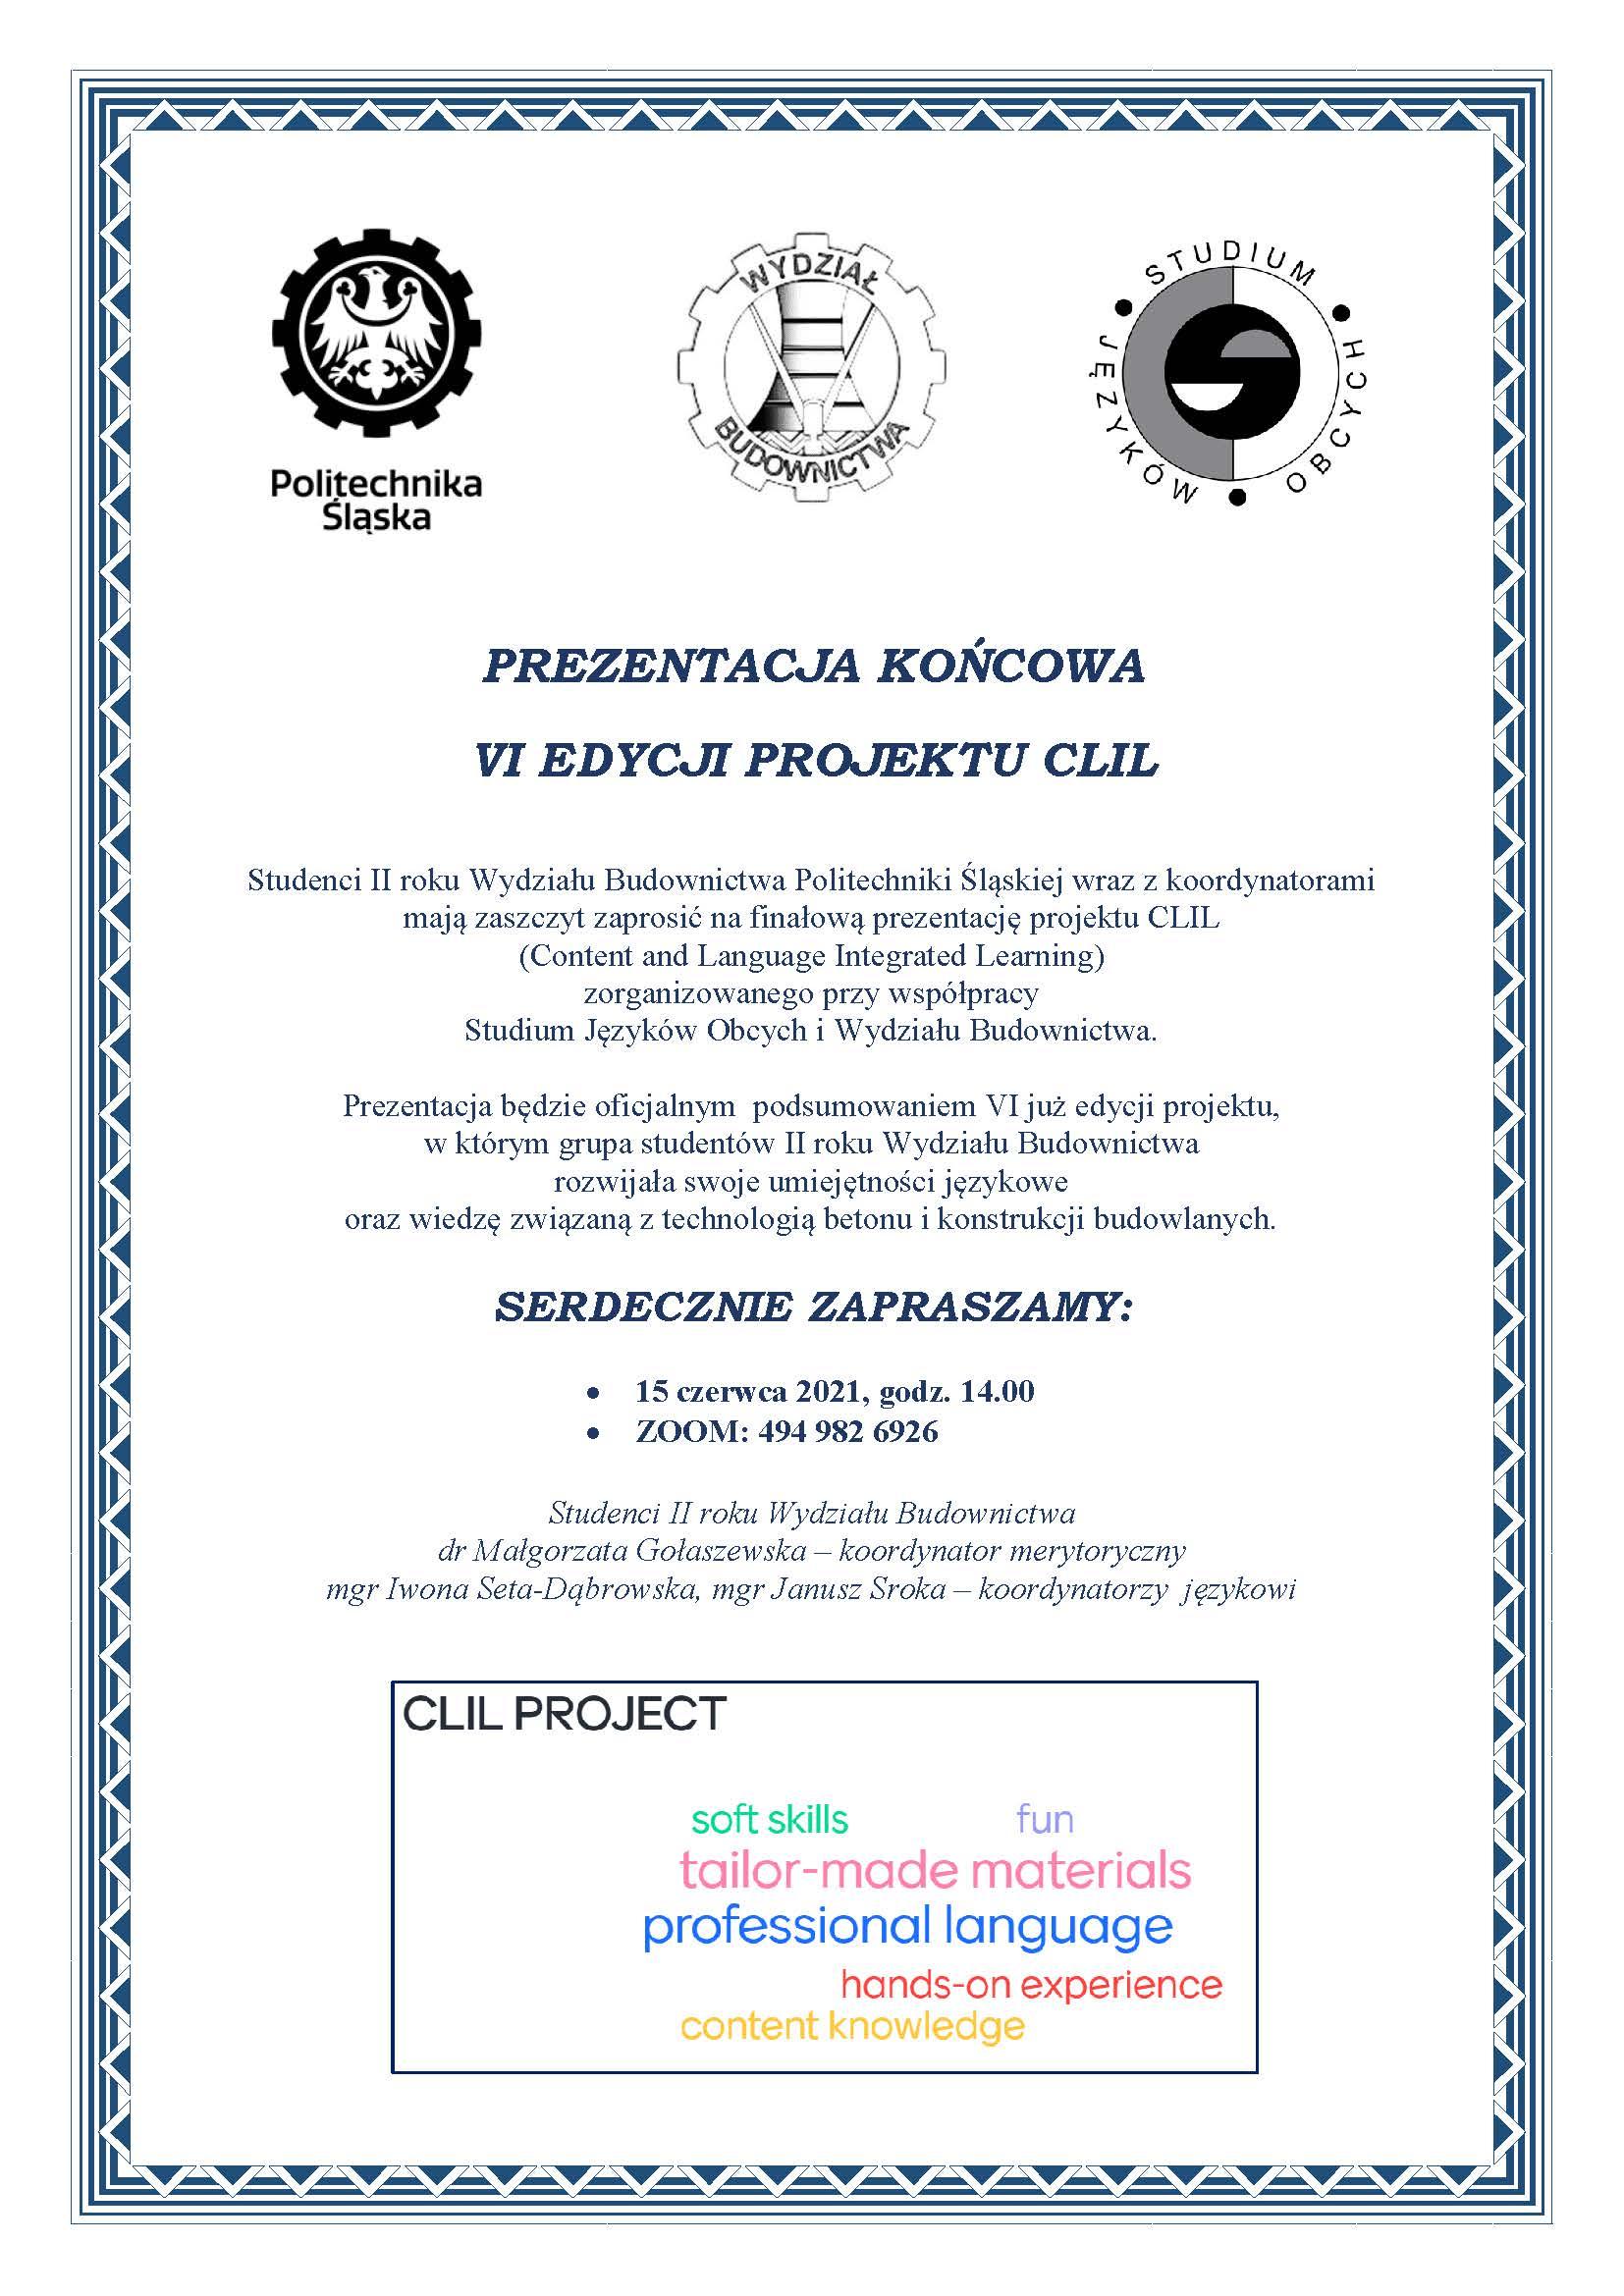 Zaproszenie_CLIL_prezentacja2021.jpg (353,21 kB)